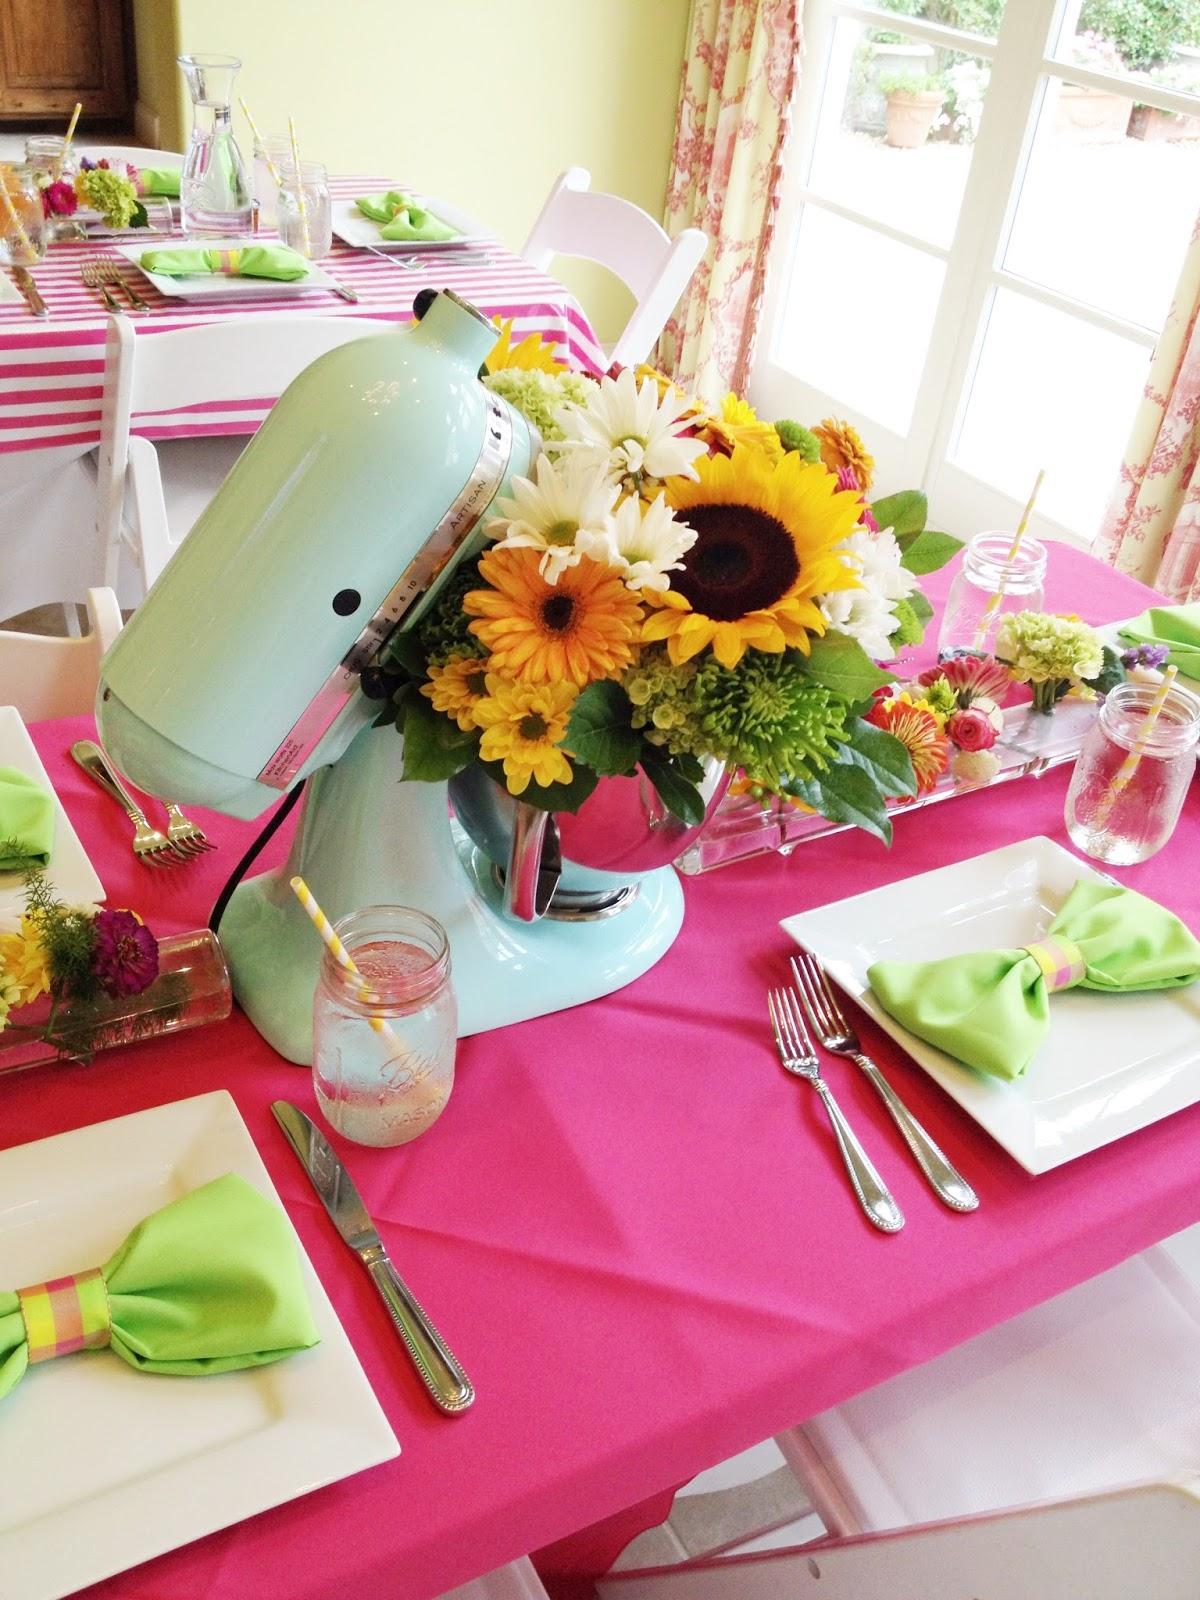 diy kitchen wedding shower my life well loved. Black Bedroom Furniture Sets. Home Design Ideas